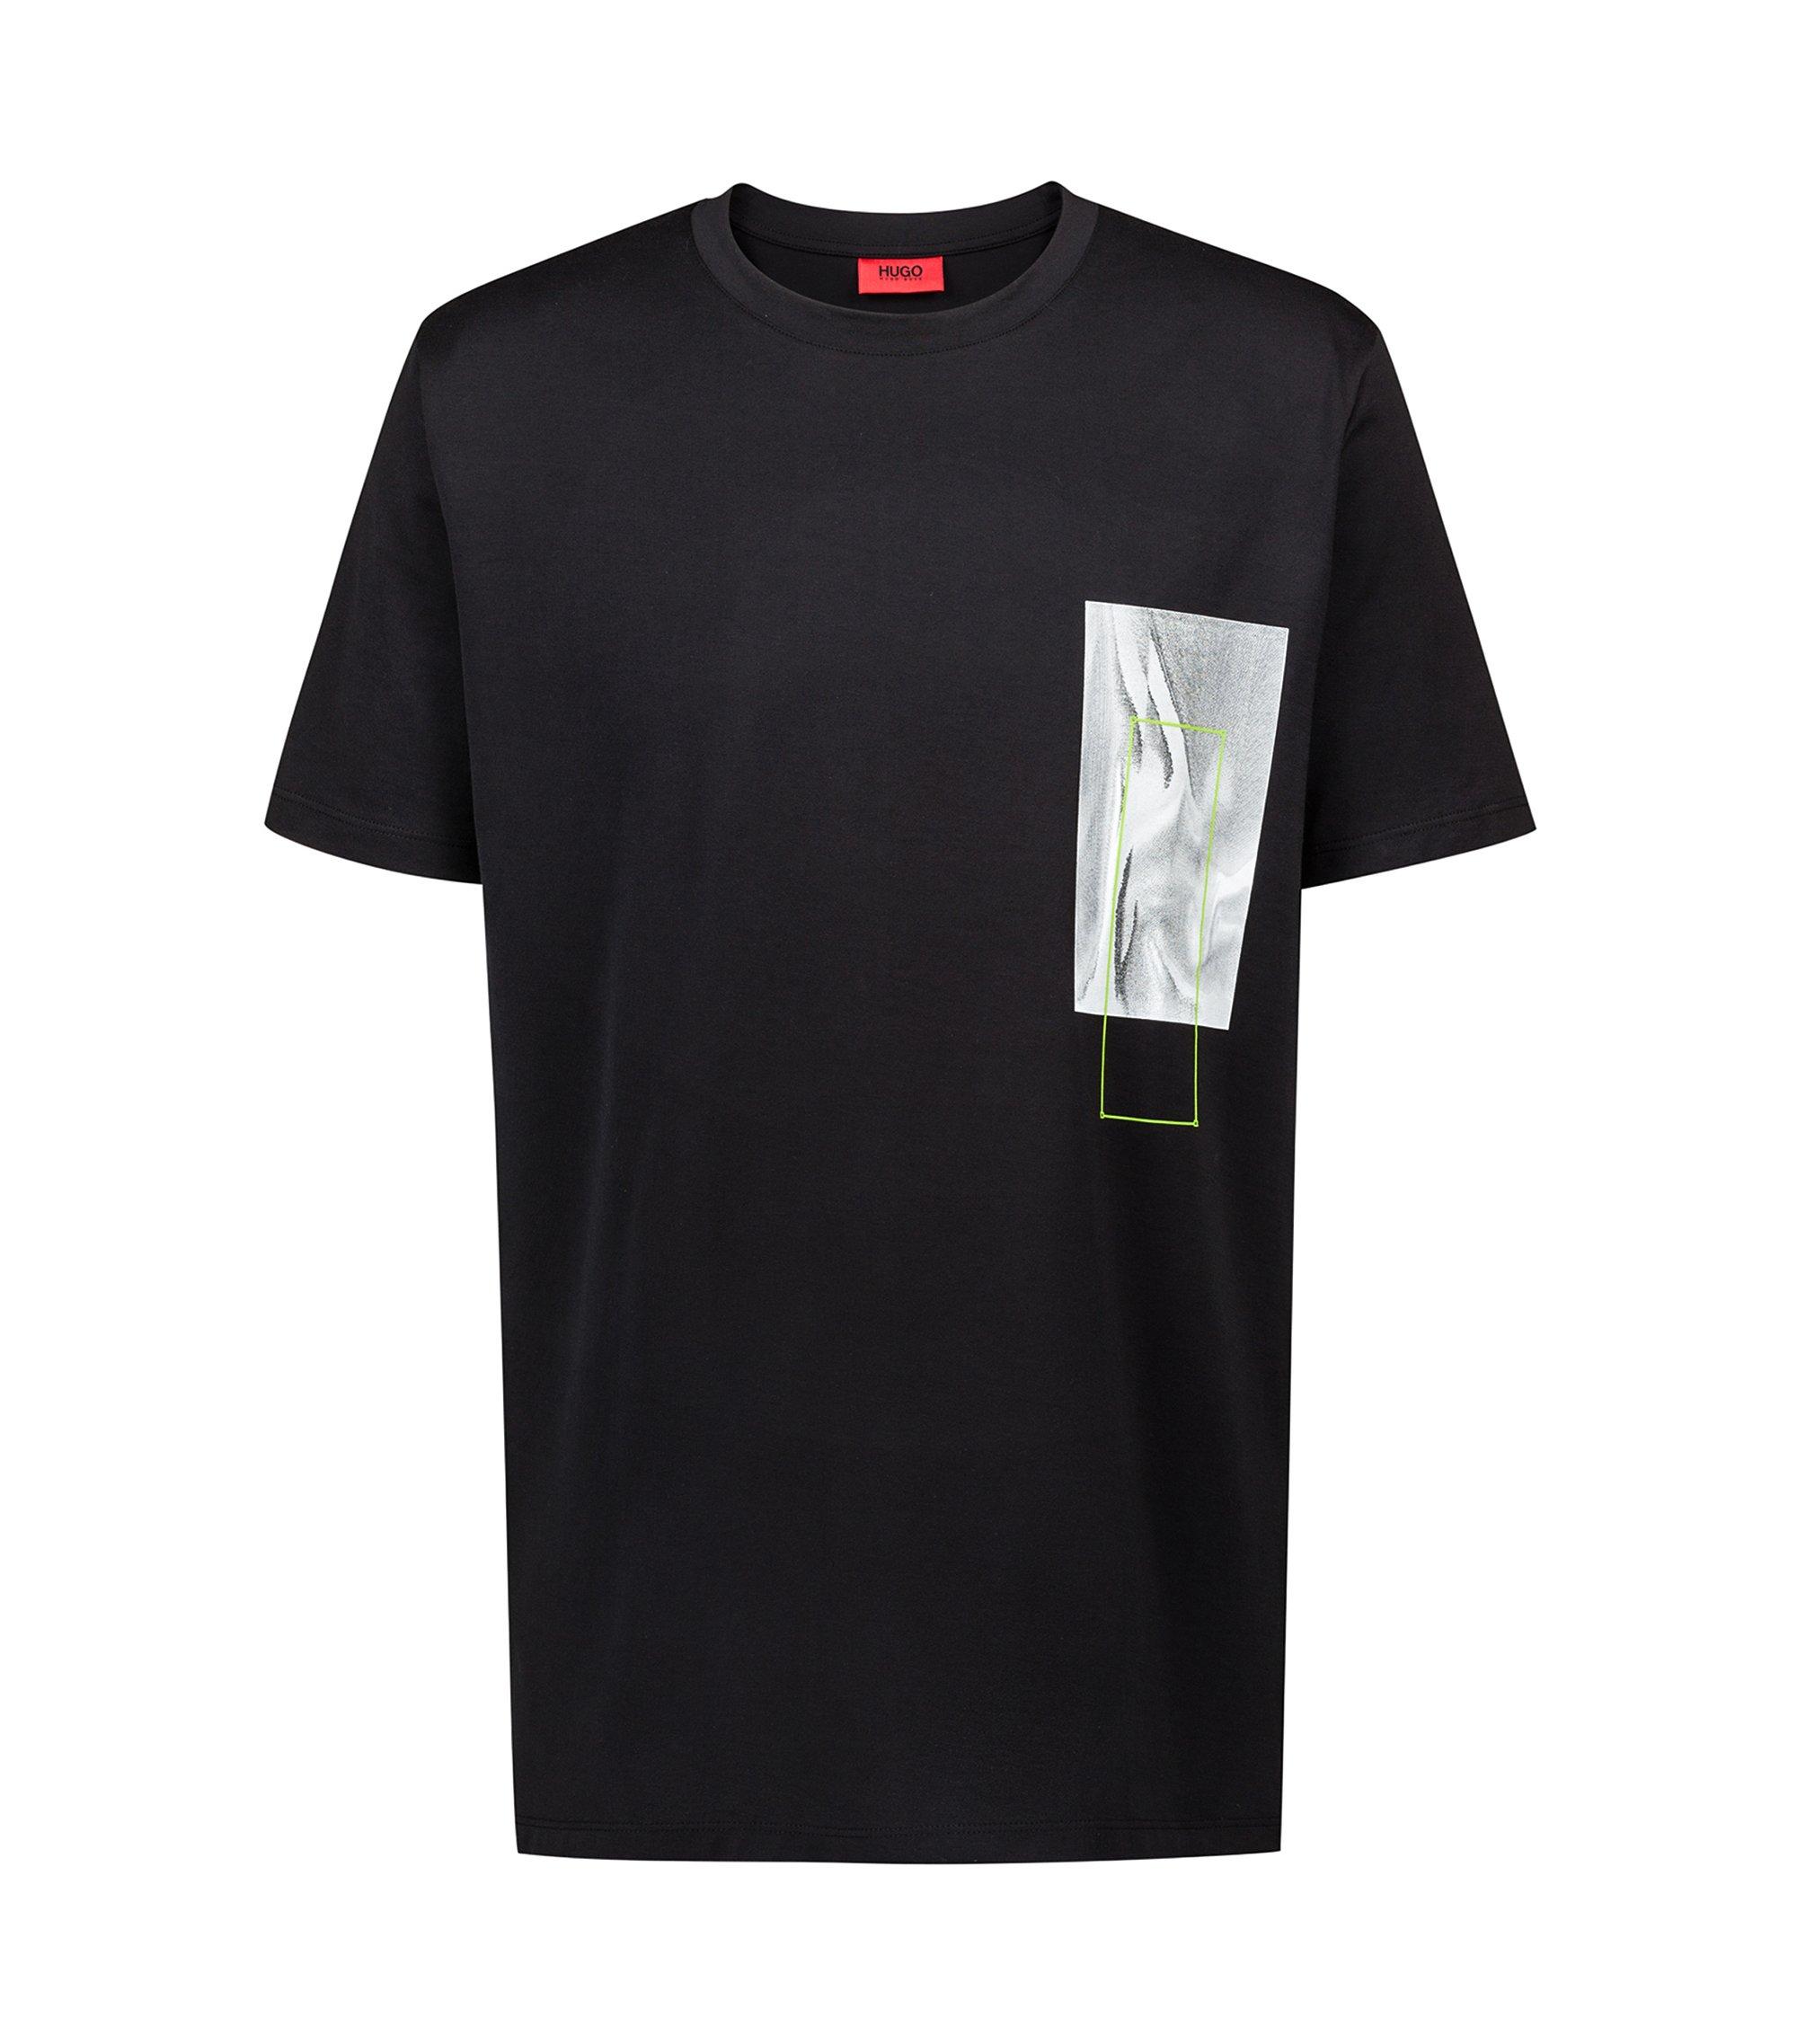 T-shirt Relaxed Fit à imprimé d'inspiration numérique de la collection capsule Bits & Bytes, Noir